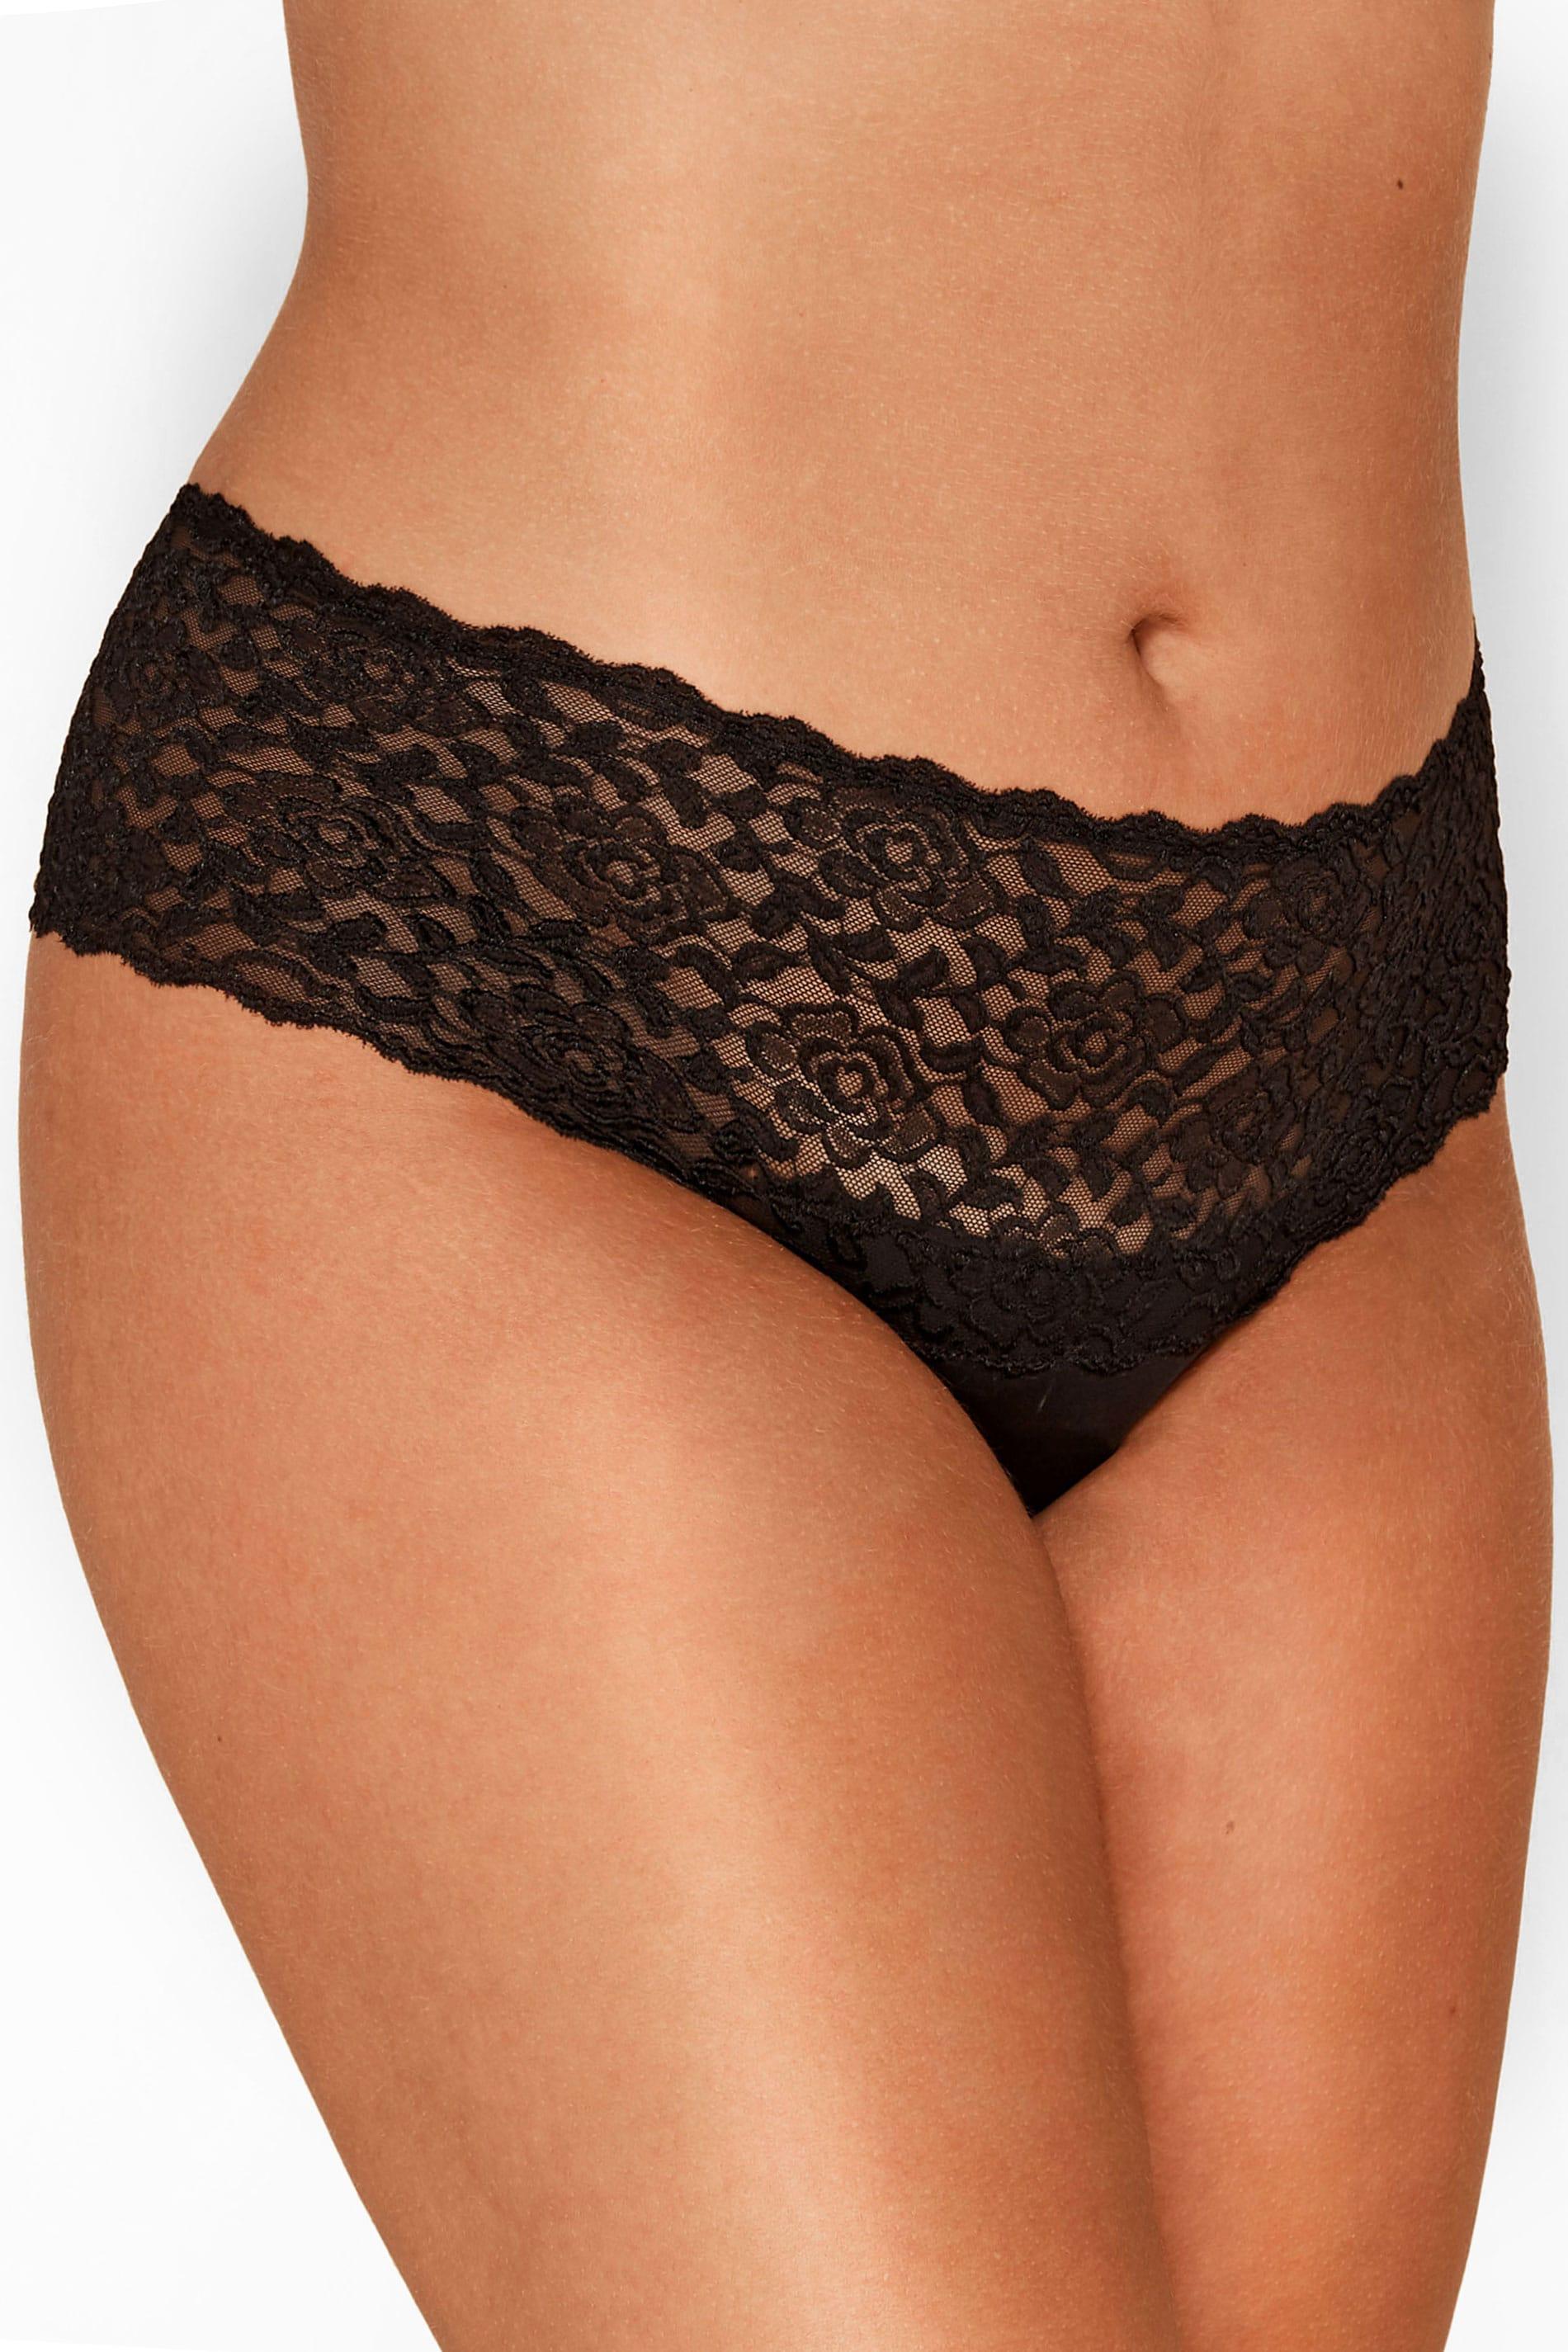 Black Lace Brazilian Briefs